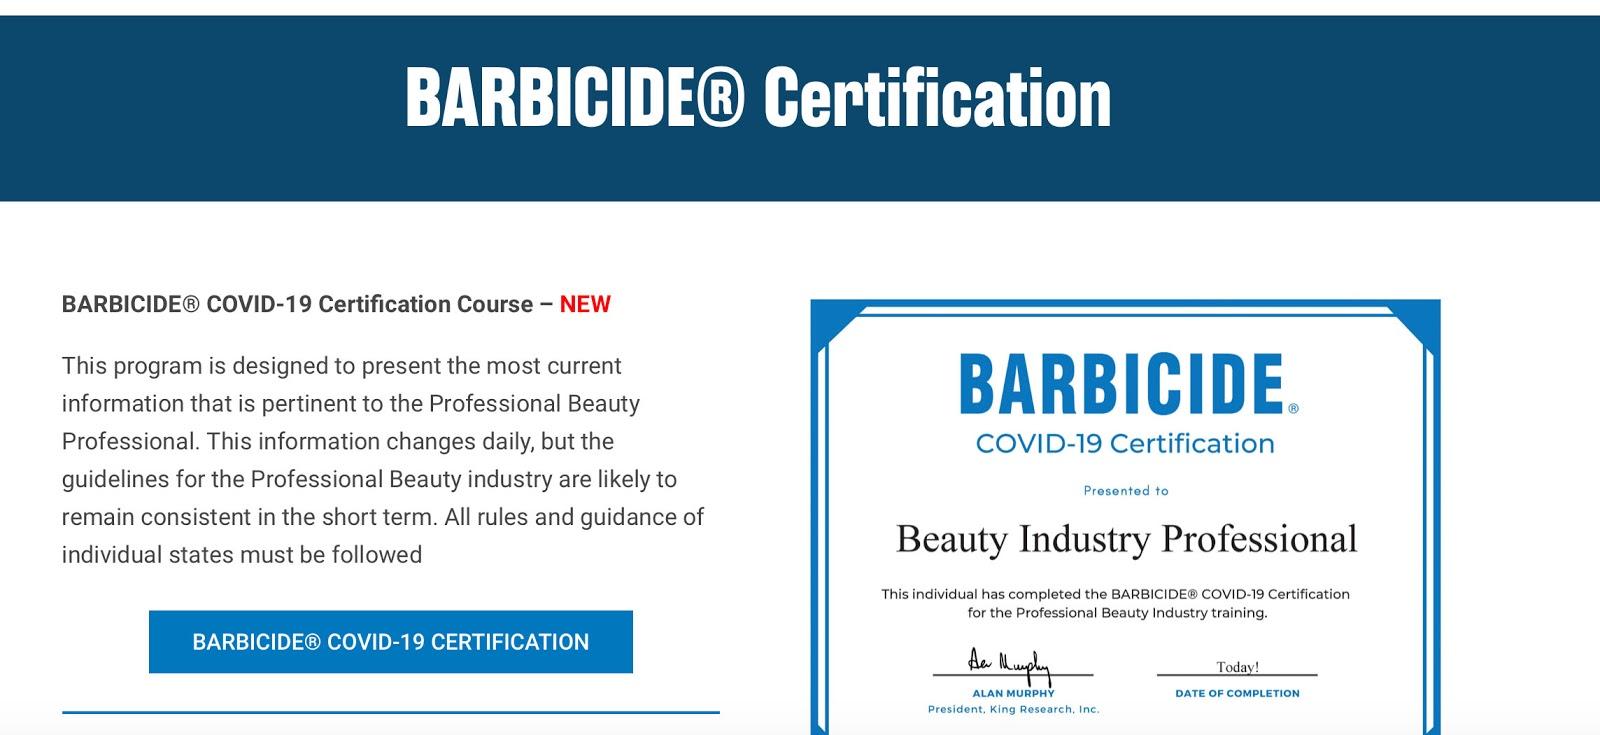 barbicide covid certification course salon passed